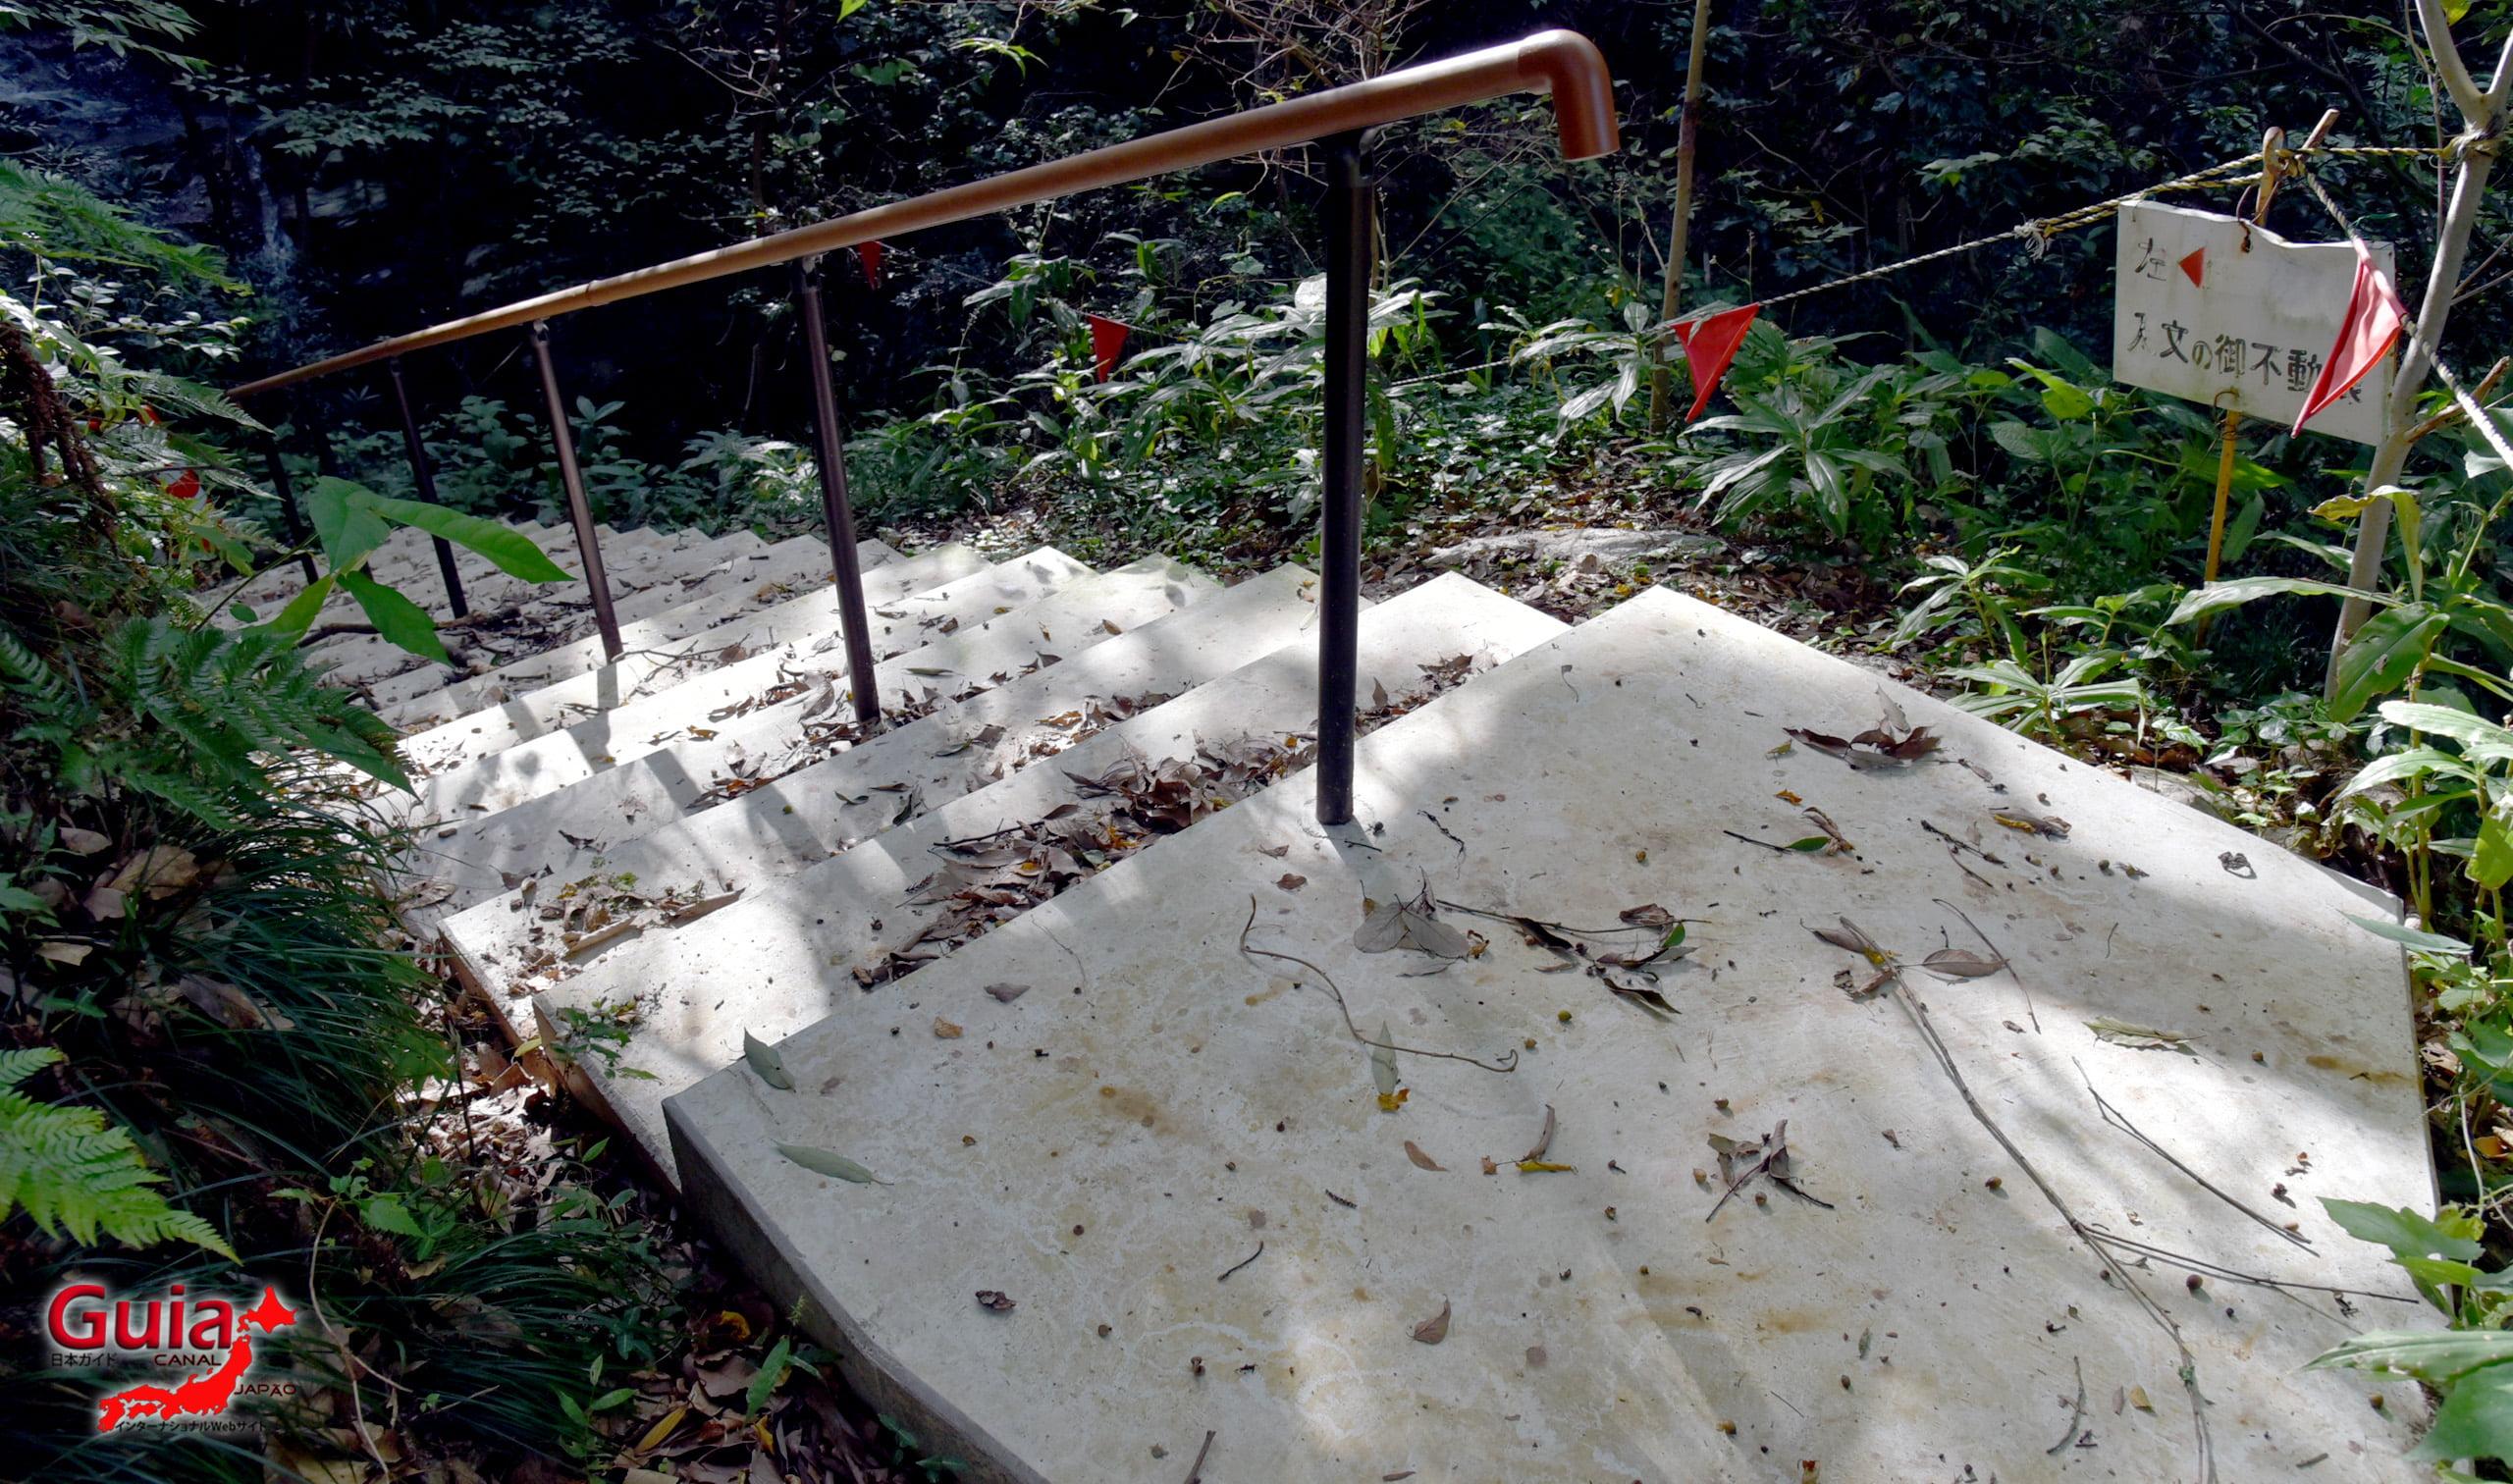 Ibumi waterfall in Gofudou Sama 9